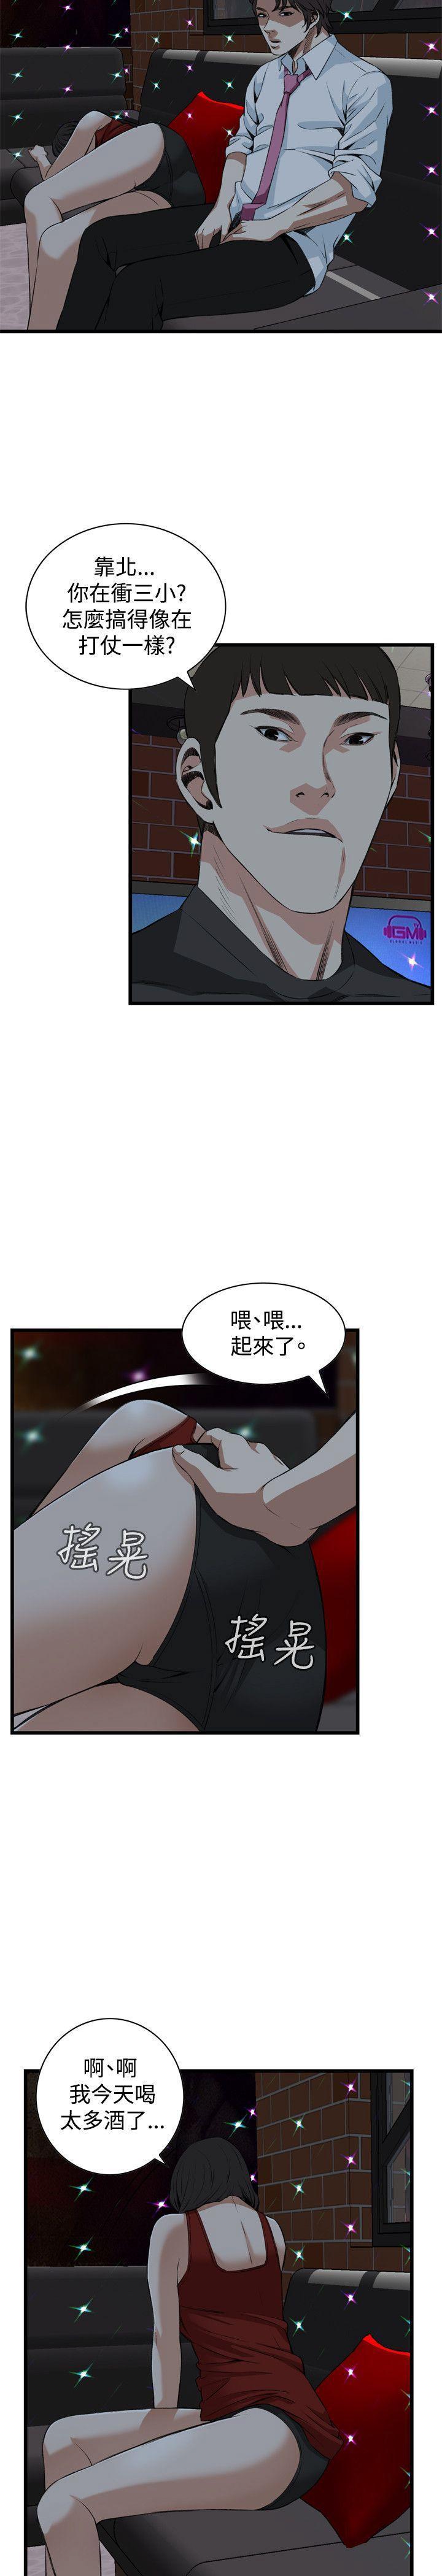 偷窥72-93 Chinese Rsiky 66